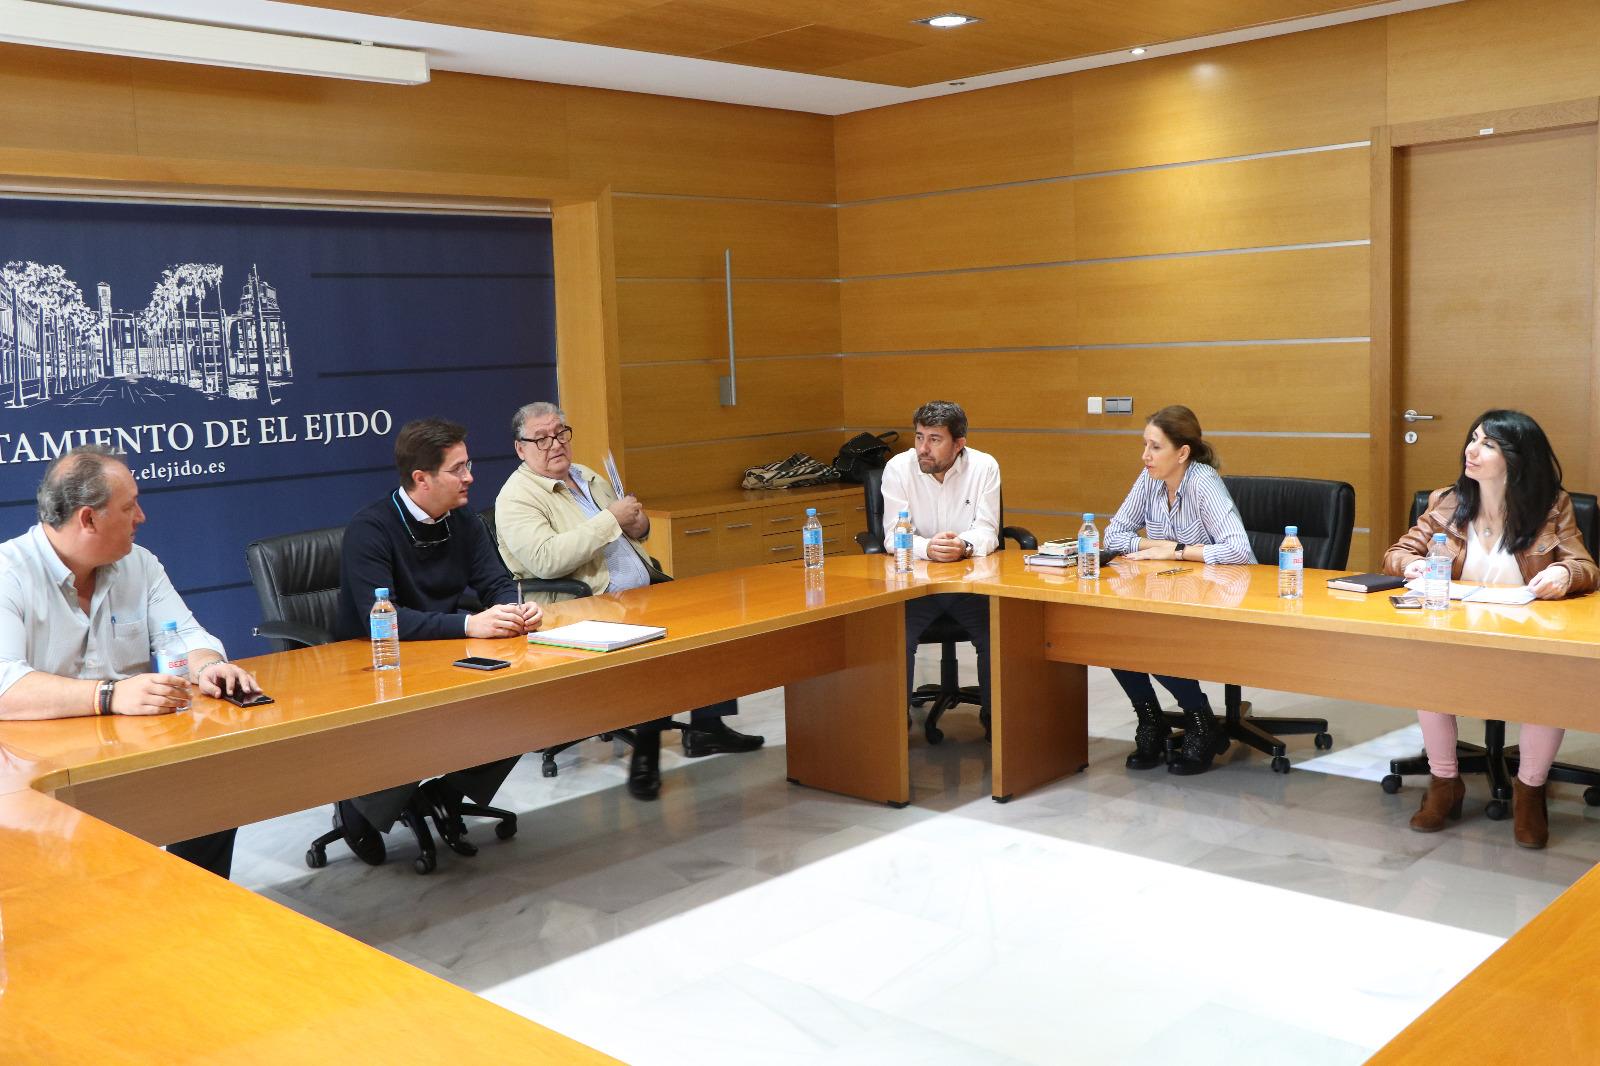 La Junta de Gobierno aprueba el nuevo Convenio de Colaboración para la prestación del Servicio de Ayuda a Domicilio dentro del Sistema de Atención a la Dependencia